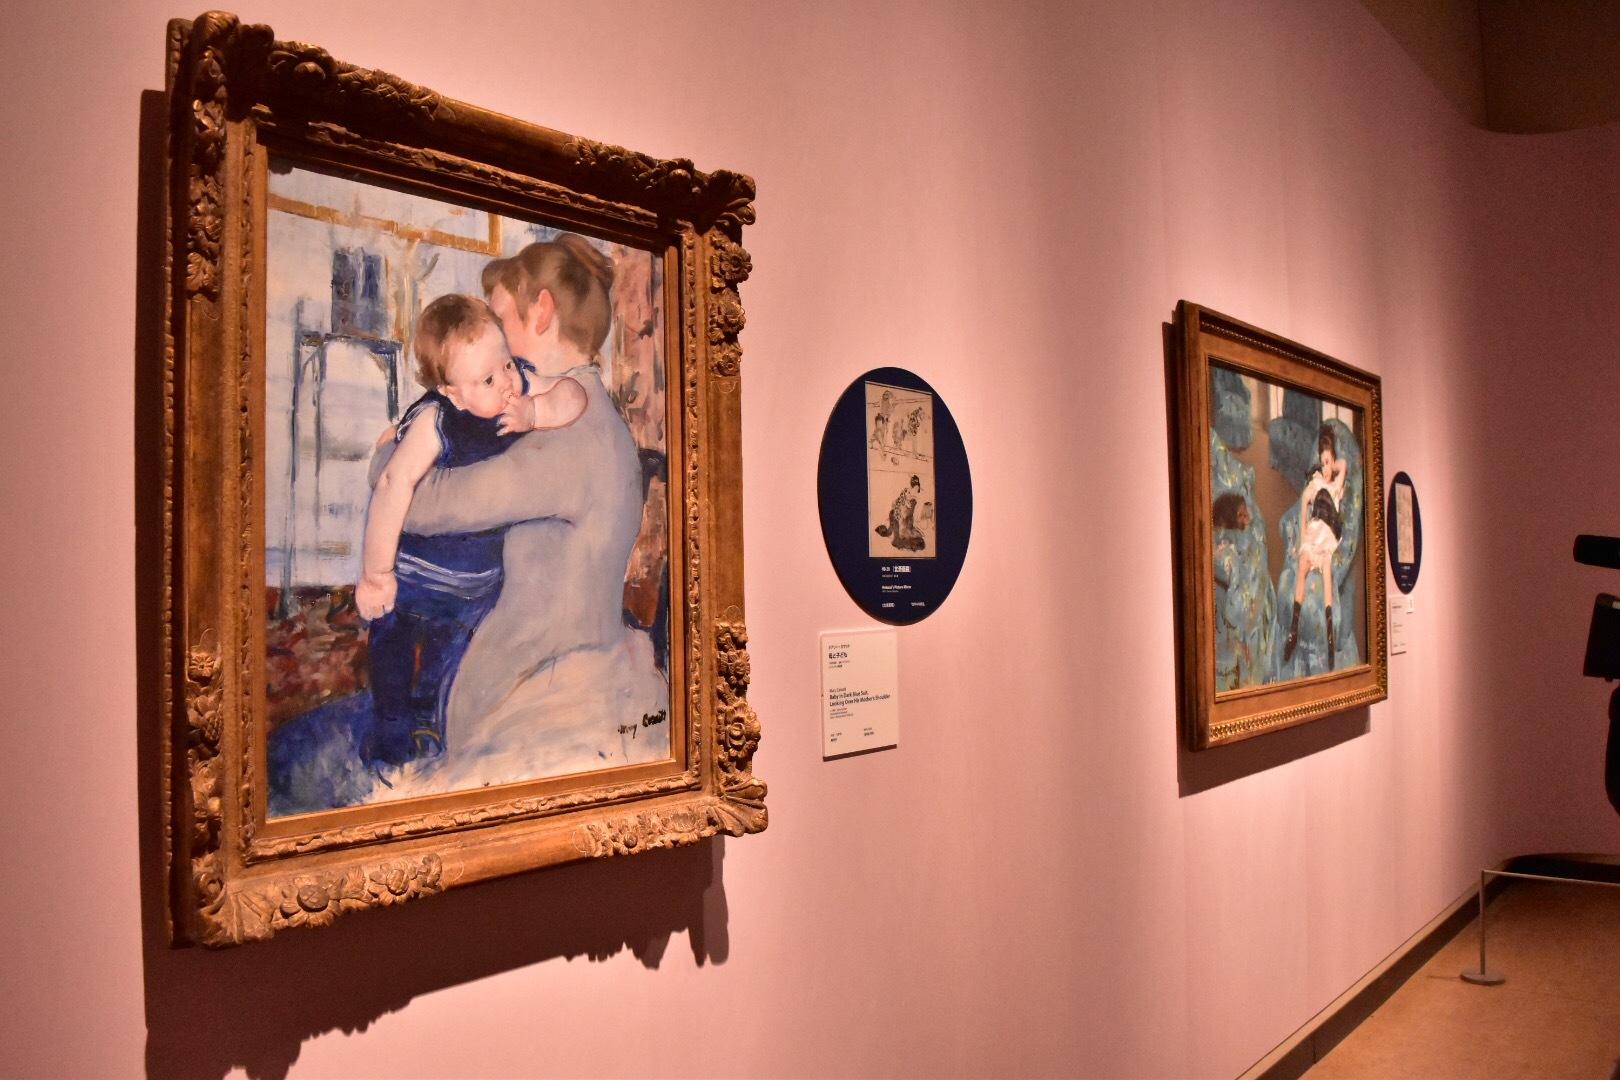 左から:メアリー・カサット《母と子ども》1889年頃 シンシナティ美術館、葛飾北斎『北斎画鏡』1818(文政元)年 個人蔵、 メアリー・カサット《青い肘掛け椅子に座る少女》1878年 ワシントン・ナショナル・ギャラリー